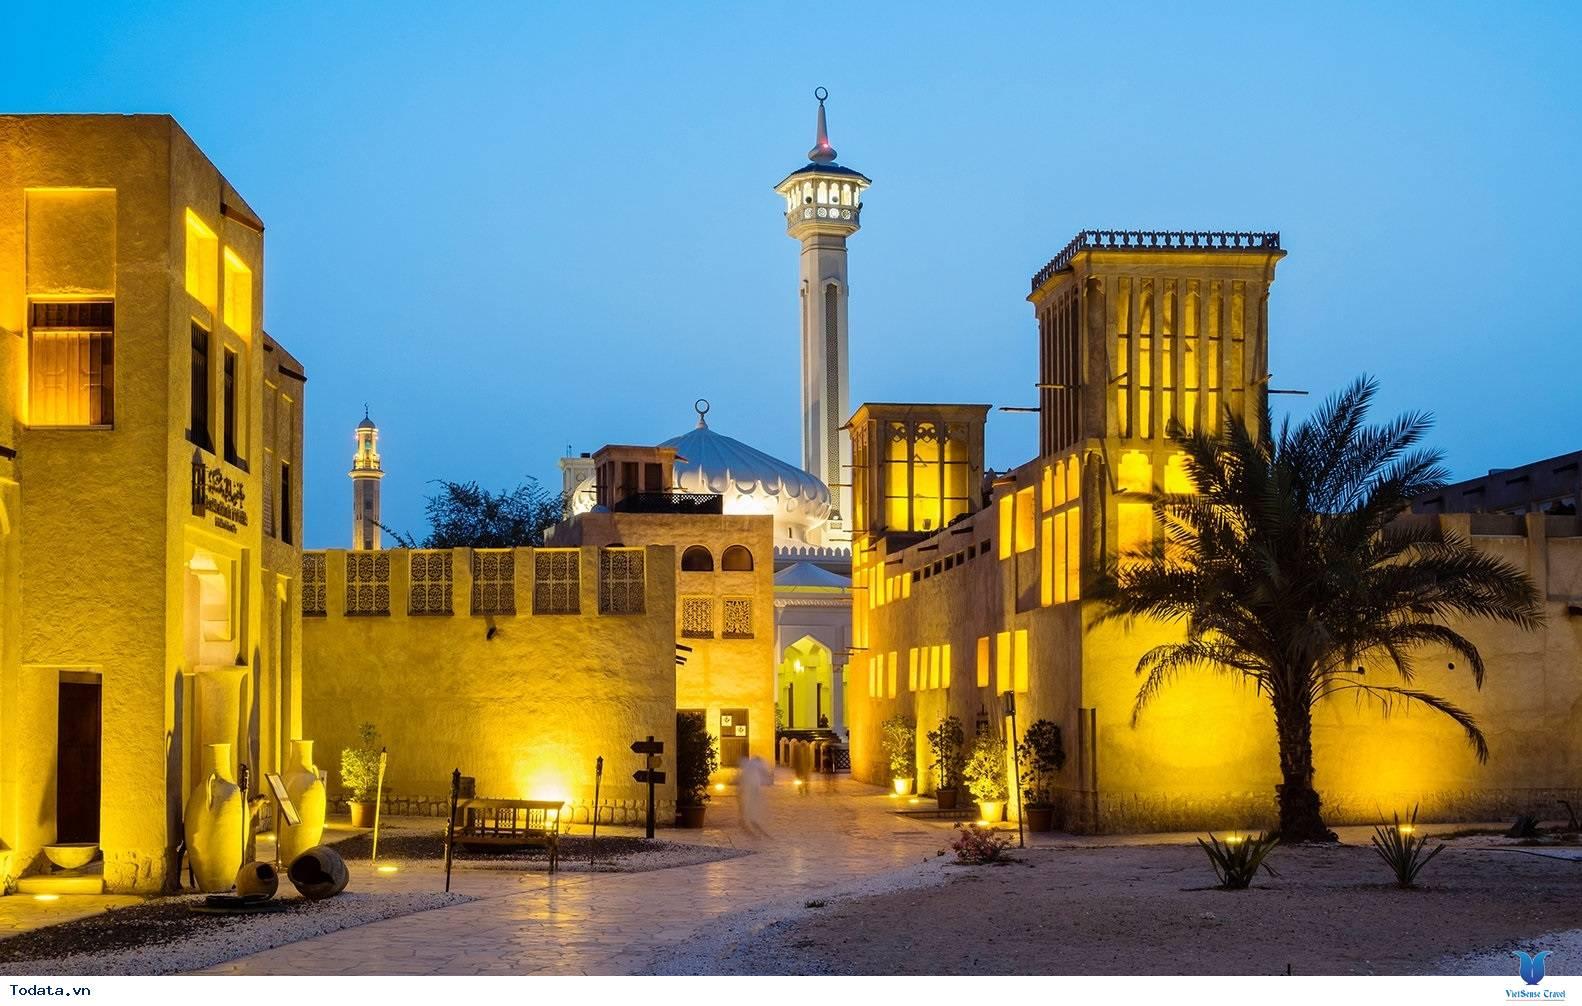 Tìm lại Dubai Cổ Kính Qua Góc Phố Cổ Al Bastakiya - Ảnh 1